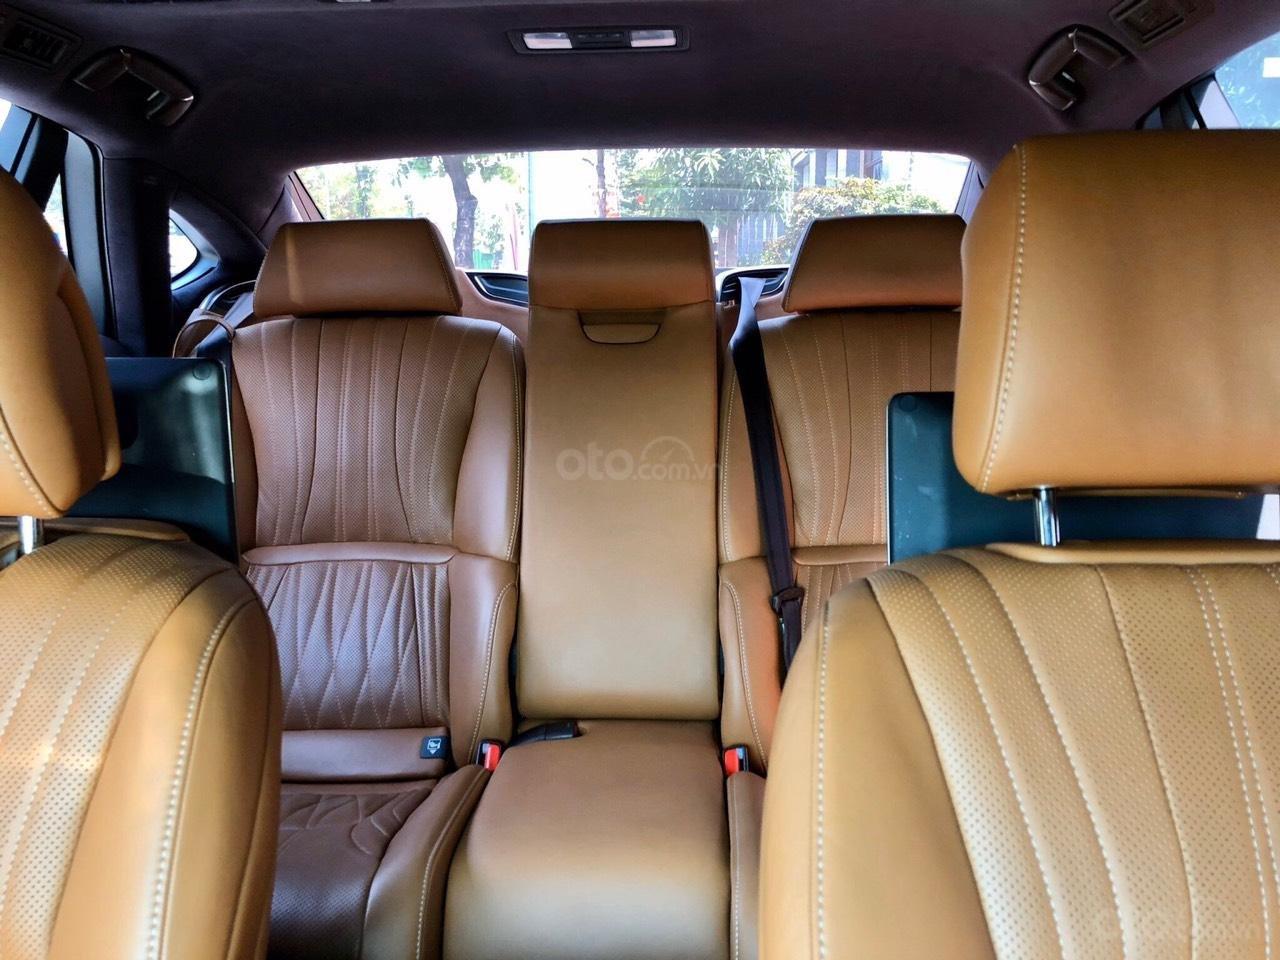 Bán xe Lexus LS 500H 2017, màu xanh lam, giá tốt giao ngay toàn quốc, LH Ngọc Vy 093.996.2368 (16)